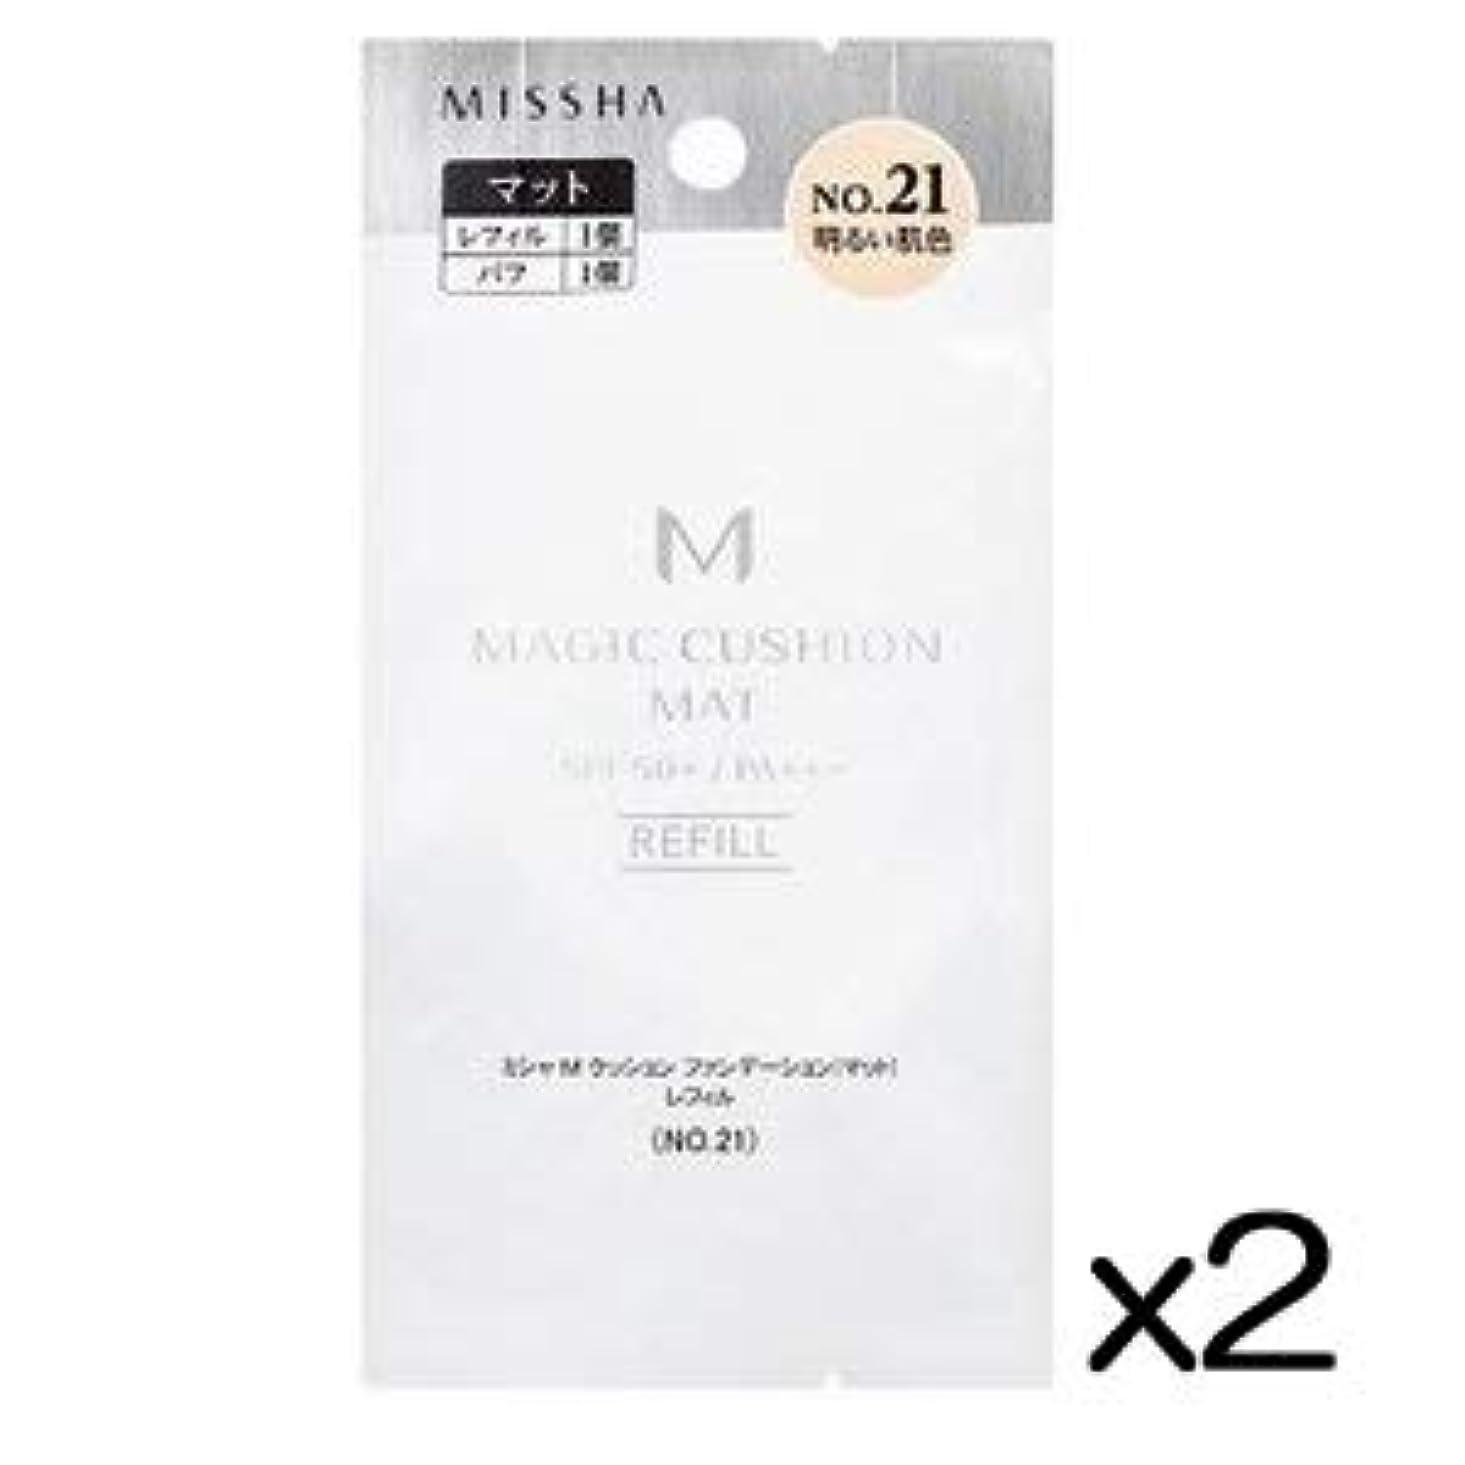 音楽体操選手スリップシューズミシャ M クッション ファンデーション (マット) No.21 明るい肌色 レフィル 15g×2個セット